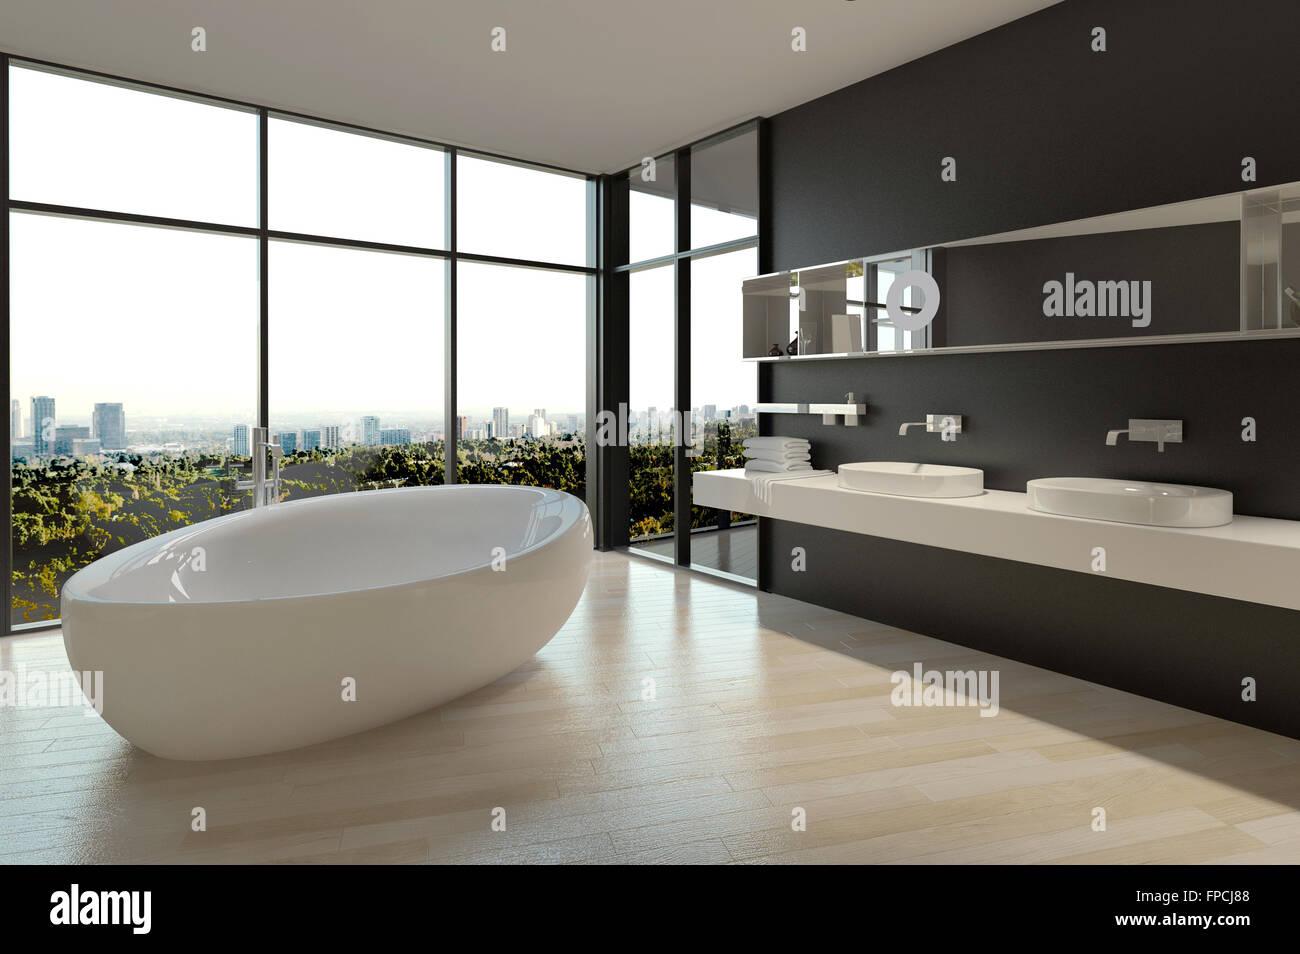 Dimensioni Vasche Da Bagno Design : Architectural interior design arredate zona bagno con vasca